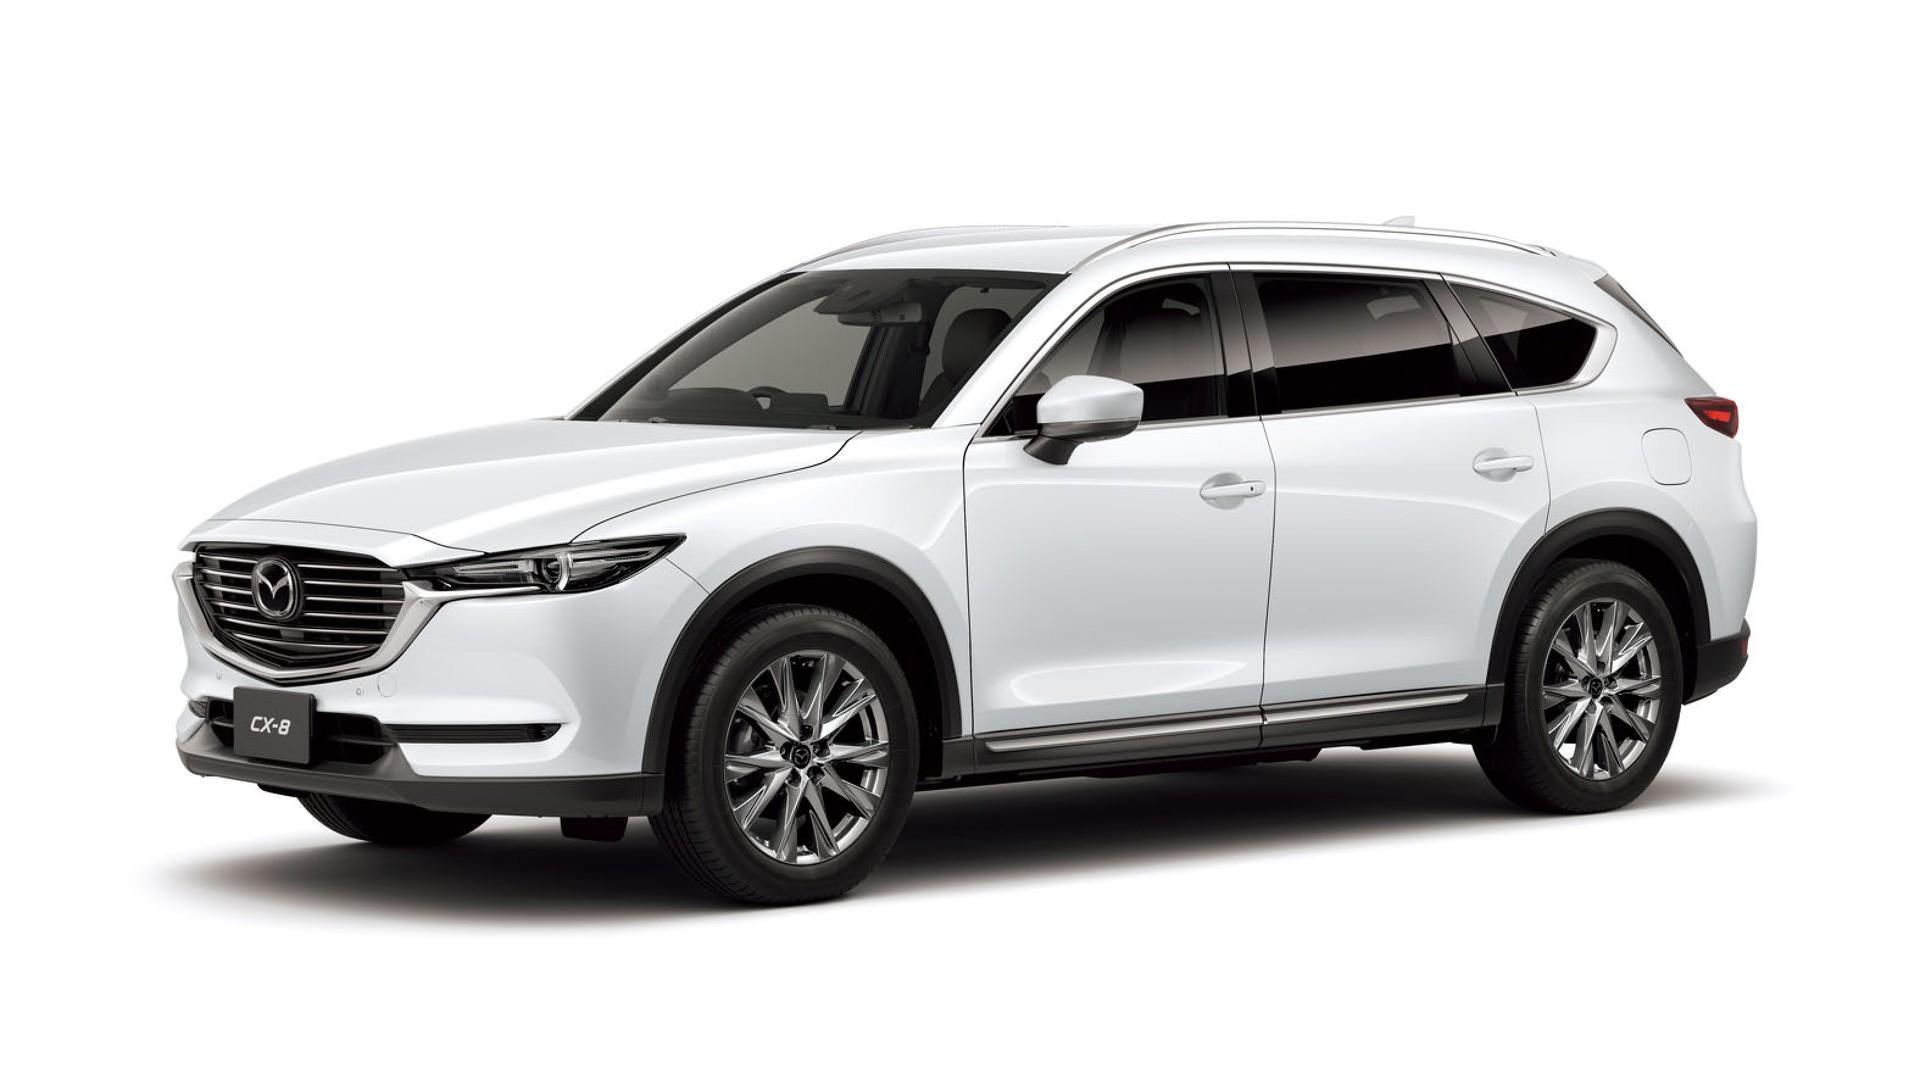 Mazda Cx 8 2017 Galerie Prasowe Galeria Autocentrum Pl